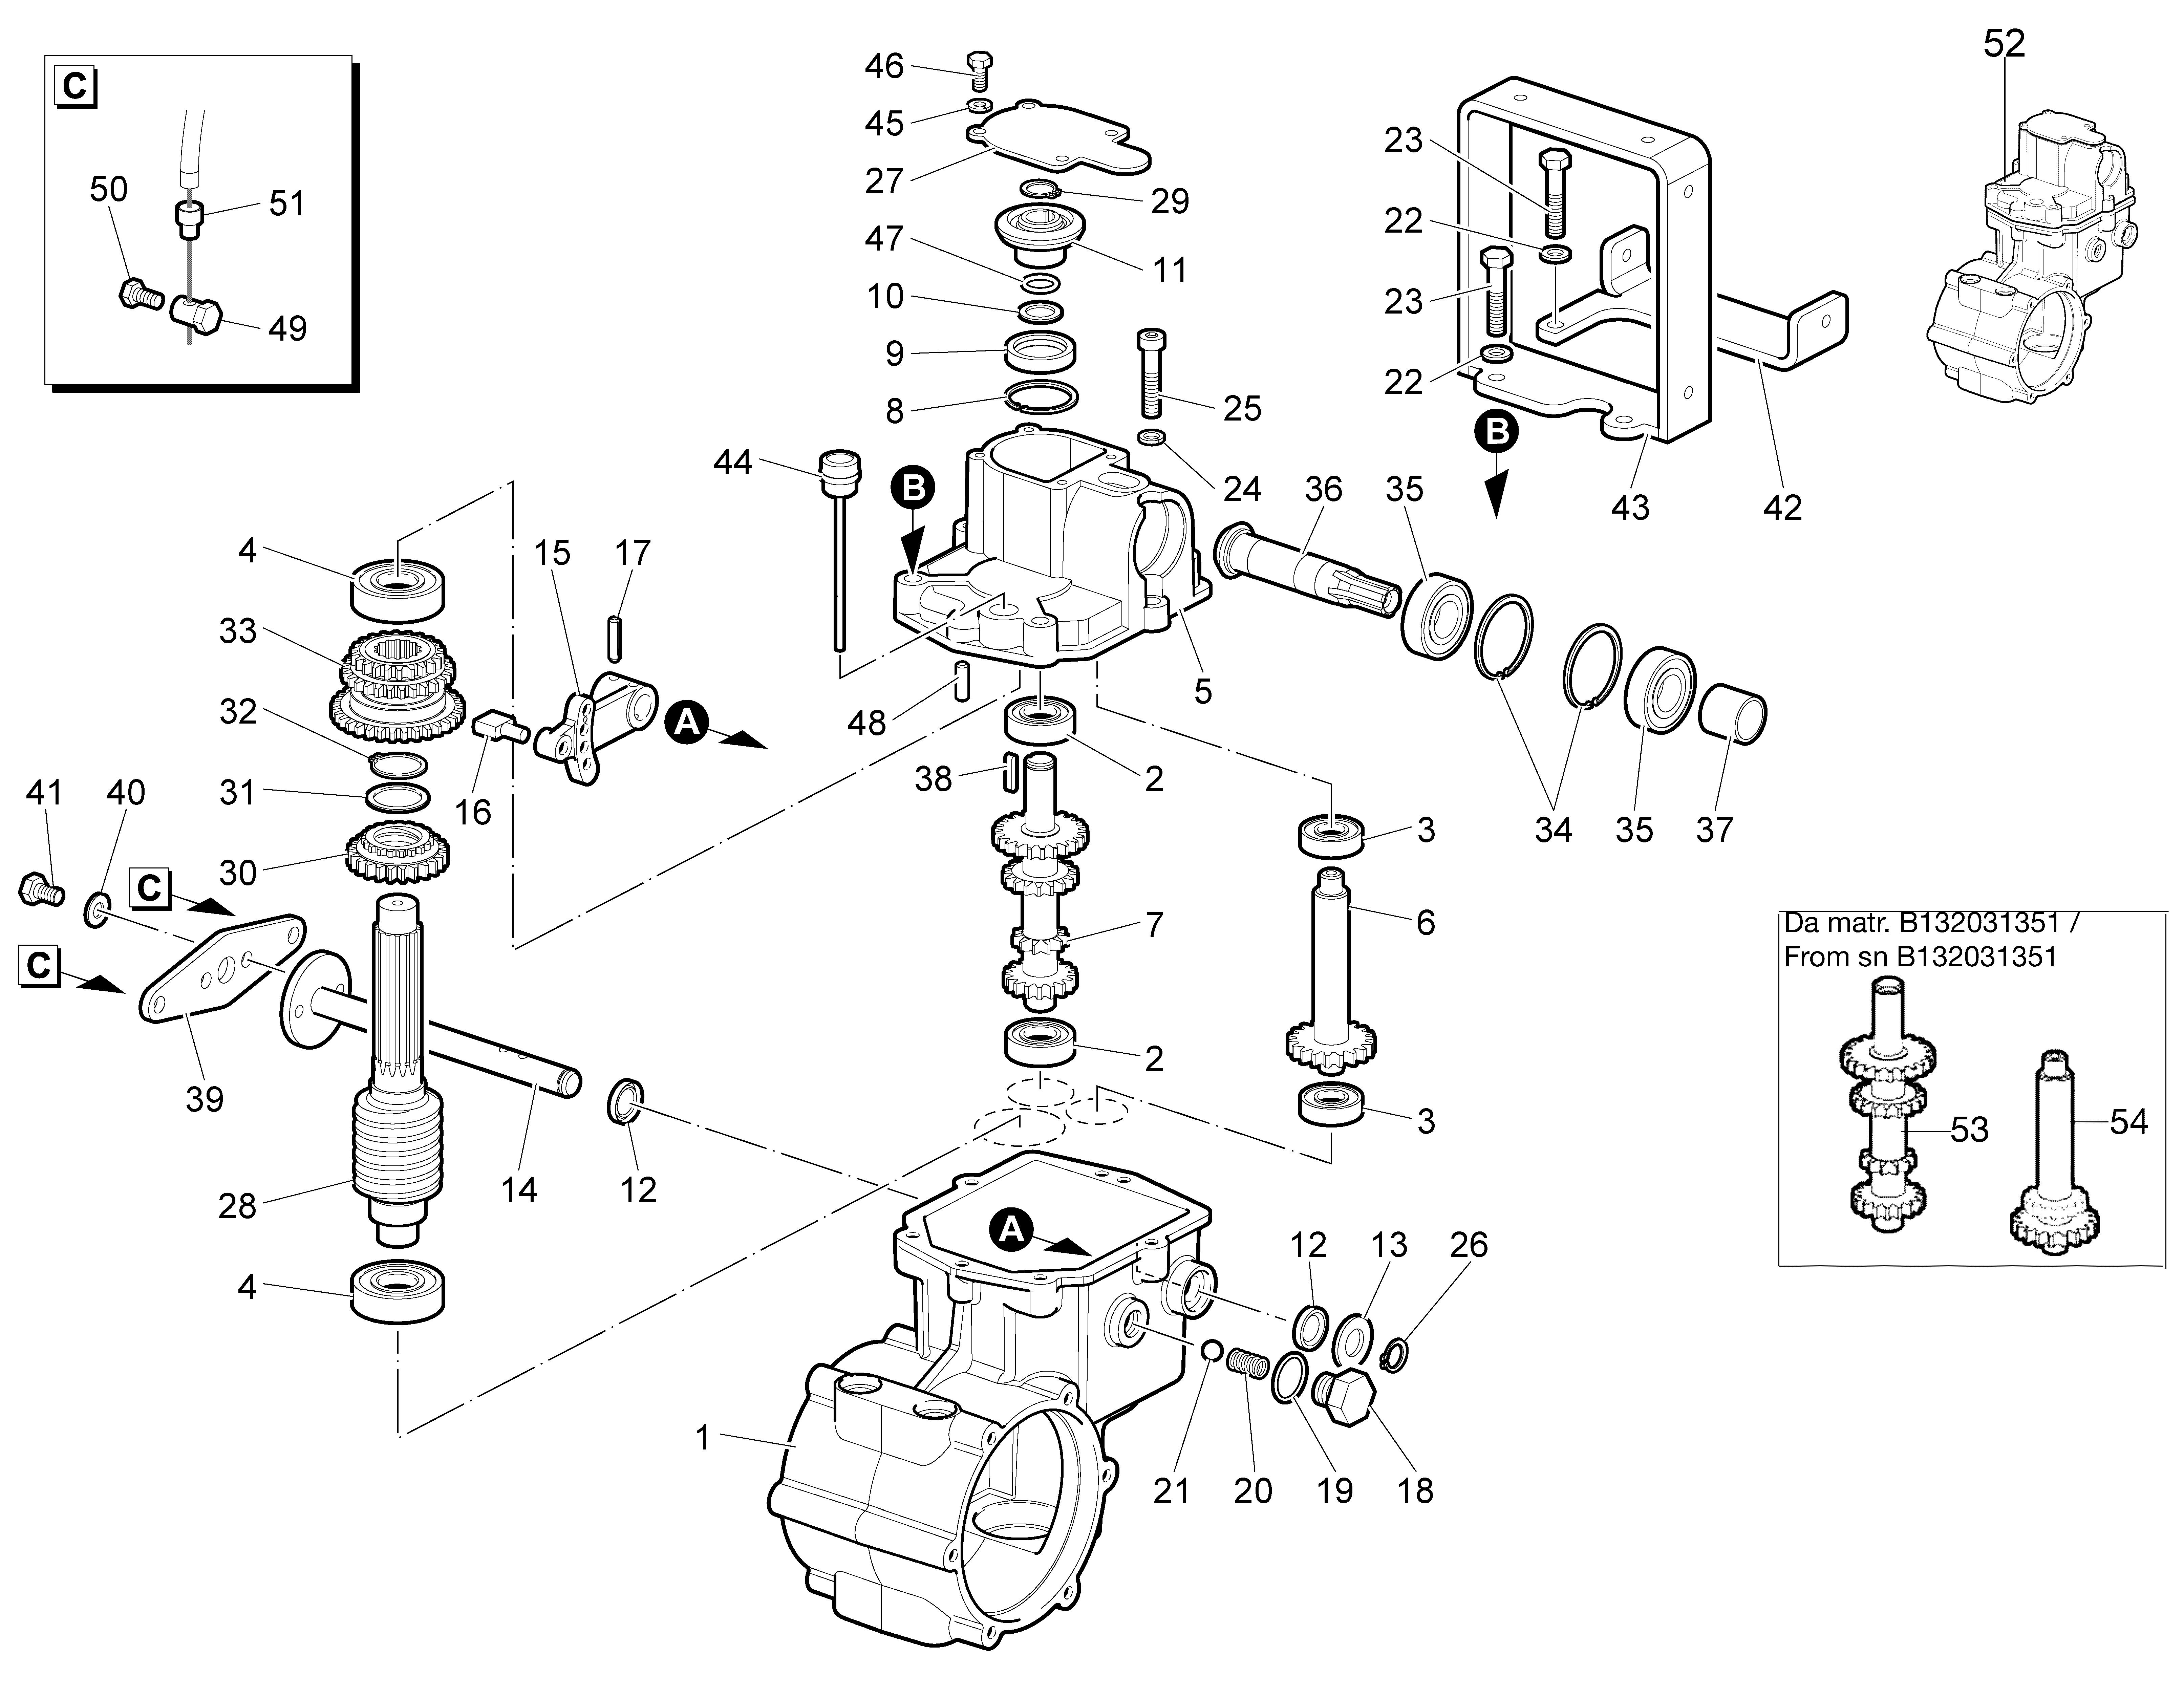 WB 80 KR 11 Tondeuse à fléaux  Oleomac Vue éclatée  Dessins pièces -  Engrenages de la boite a vitesse (1/2)